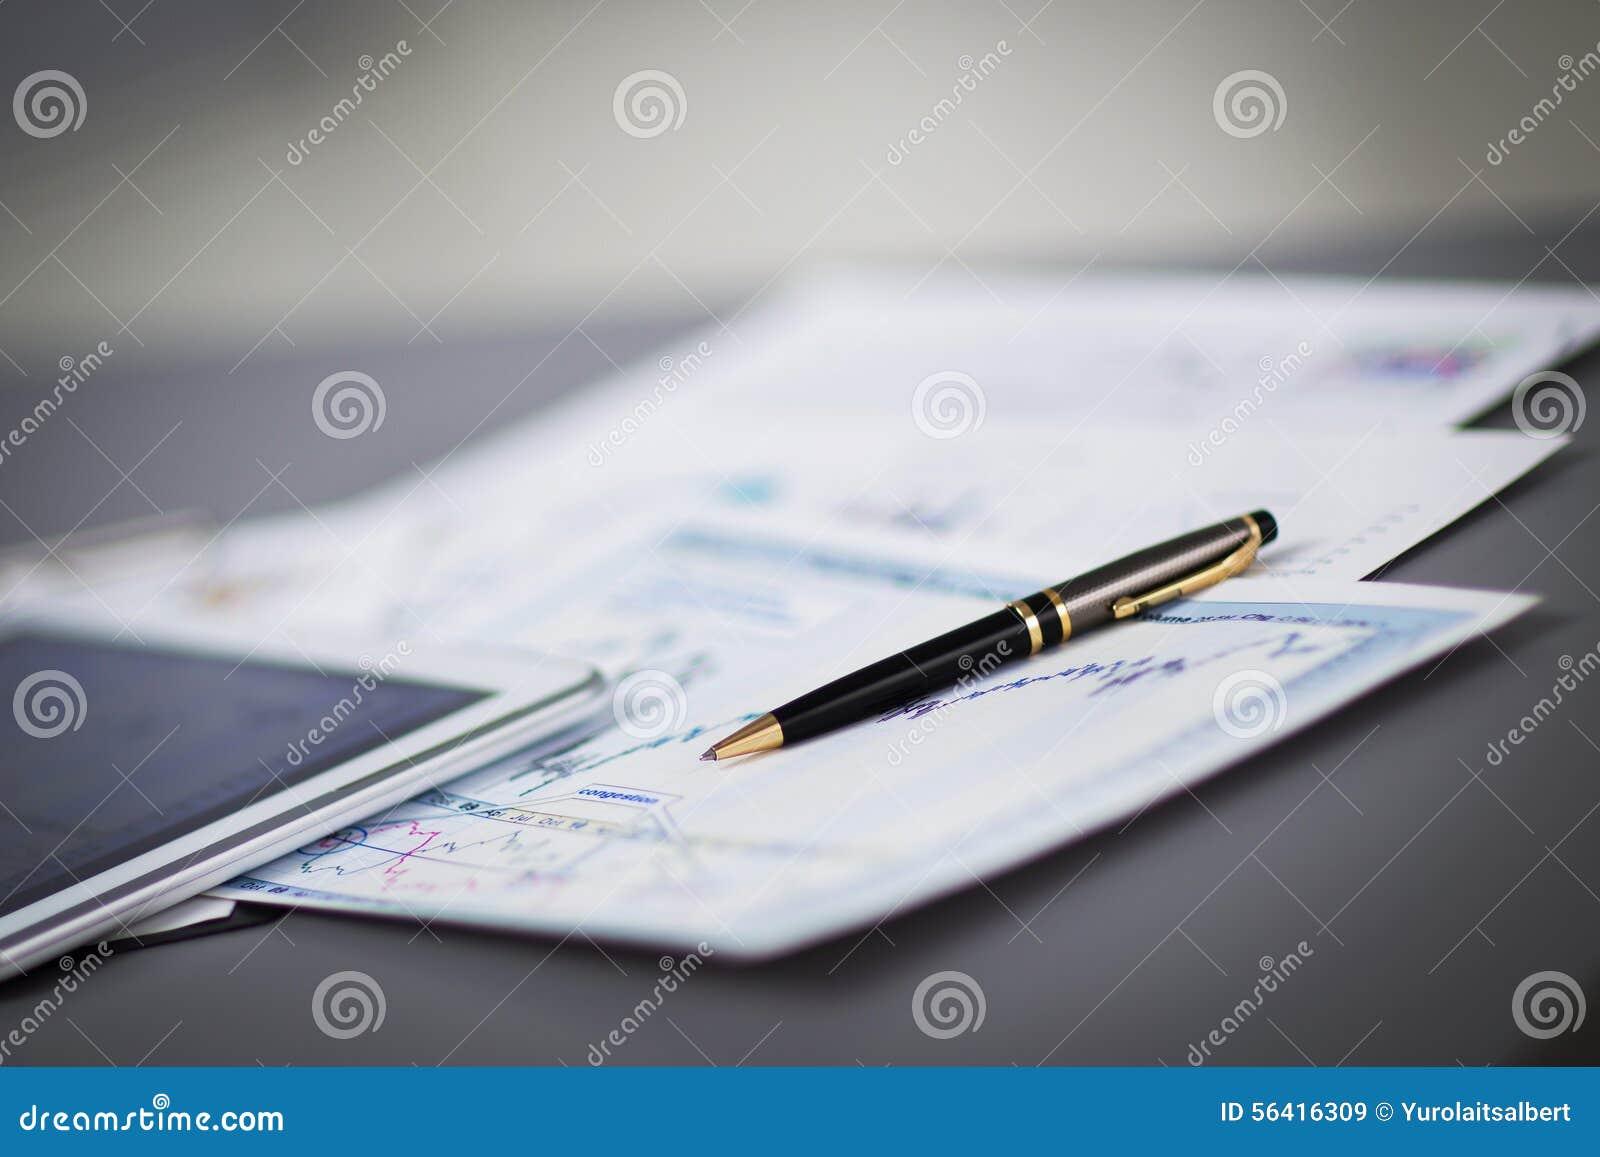 Cartas financeiras